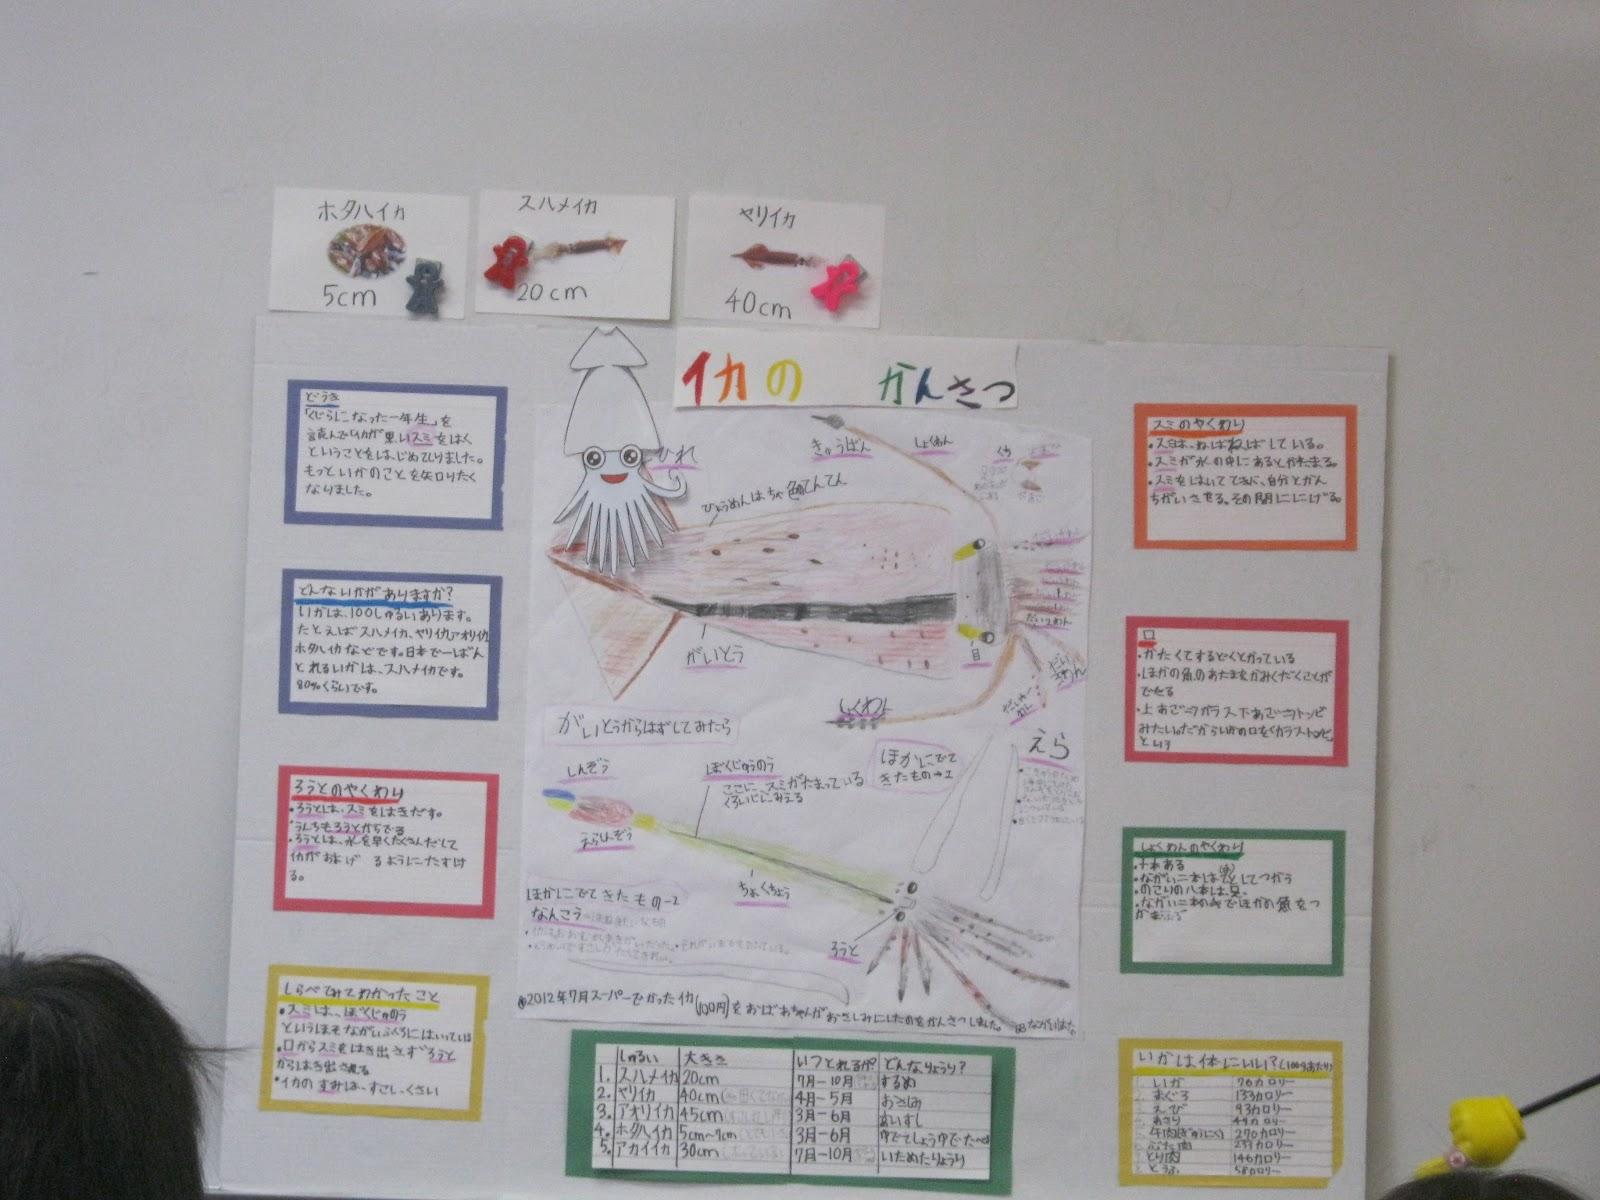 夏休みの自由研究 テーマの ... : 小学生理科研究テーマ : 小学生